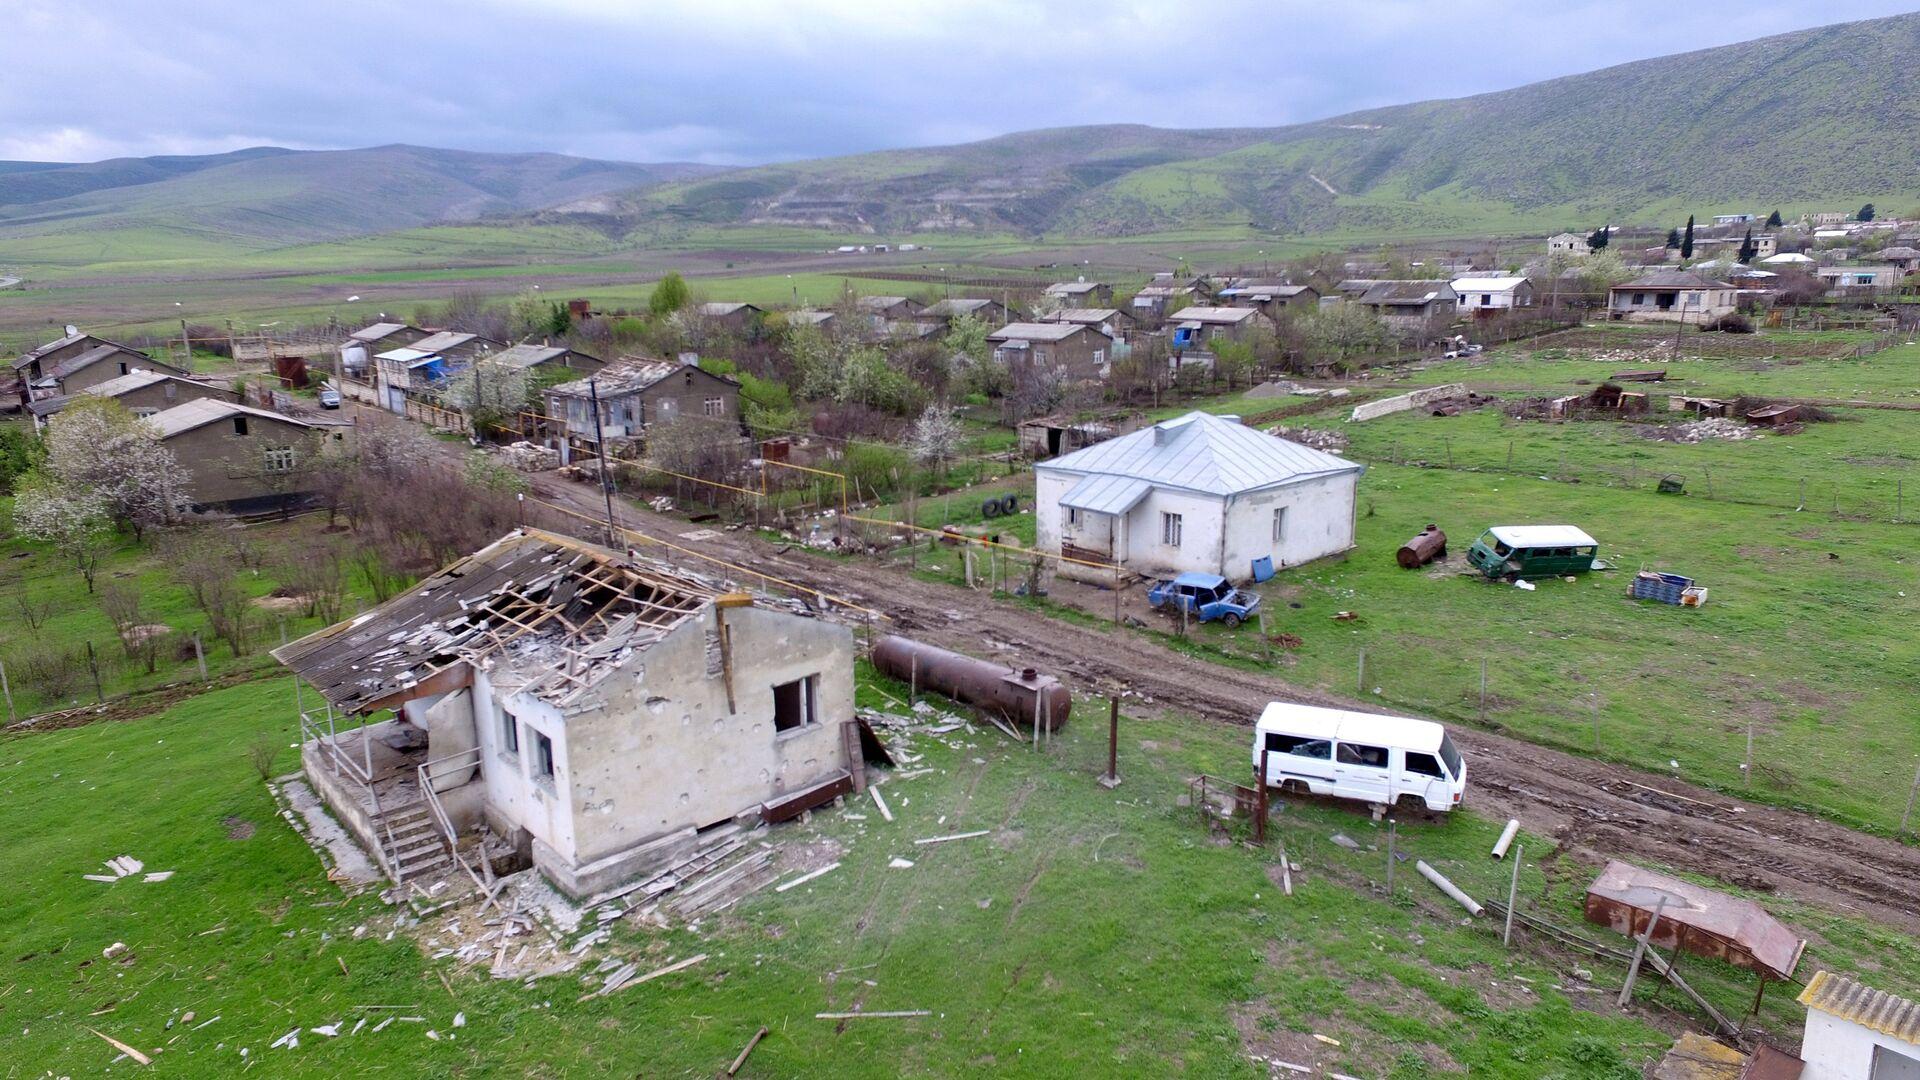 Ситуация в зоне карабахского конфликта - РИА Новости, 1920, 27.09.2020